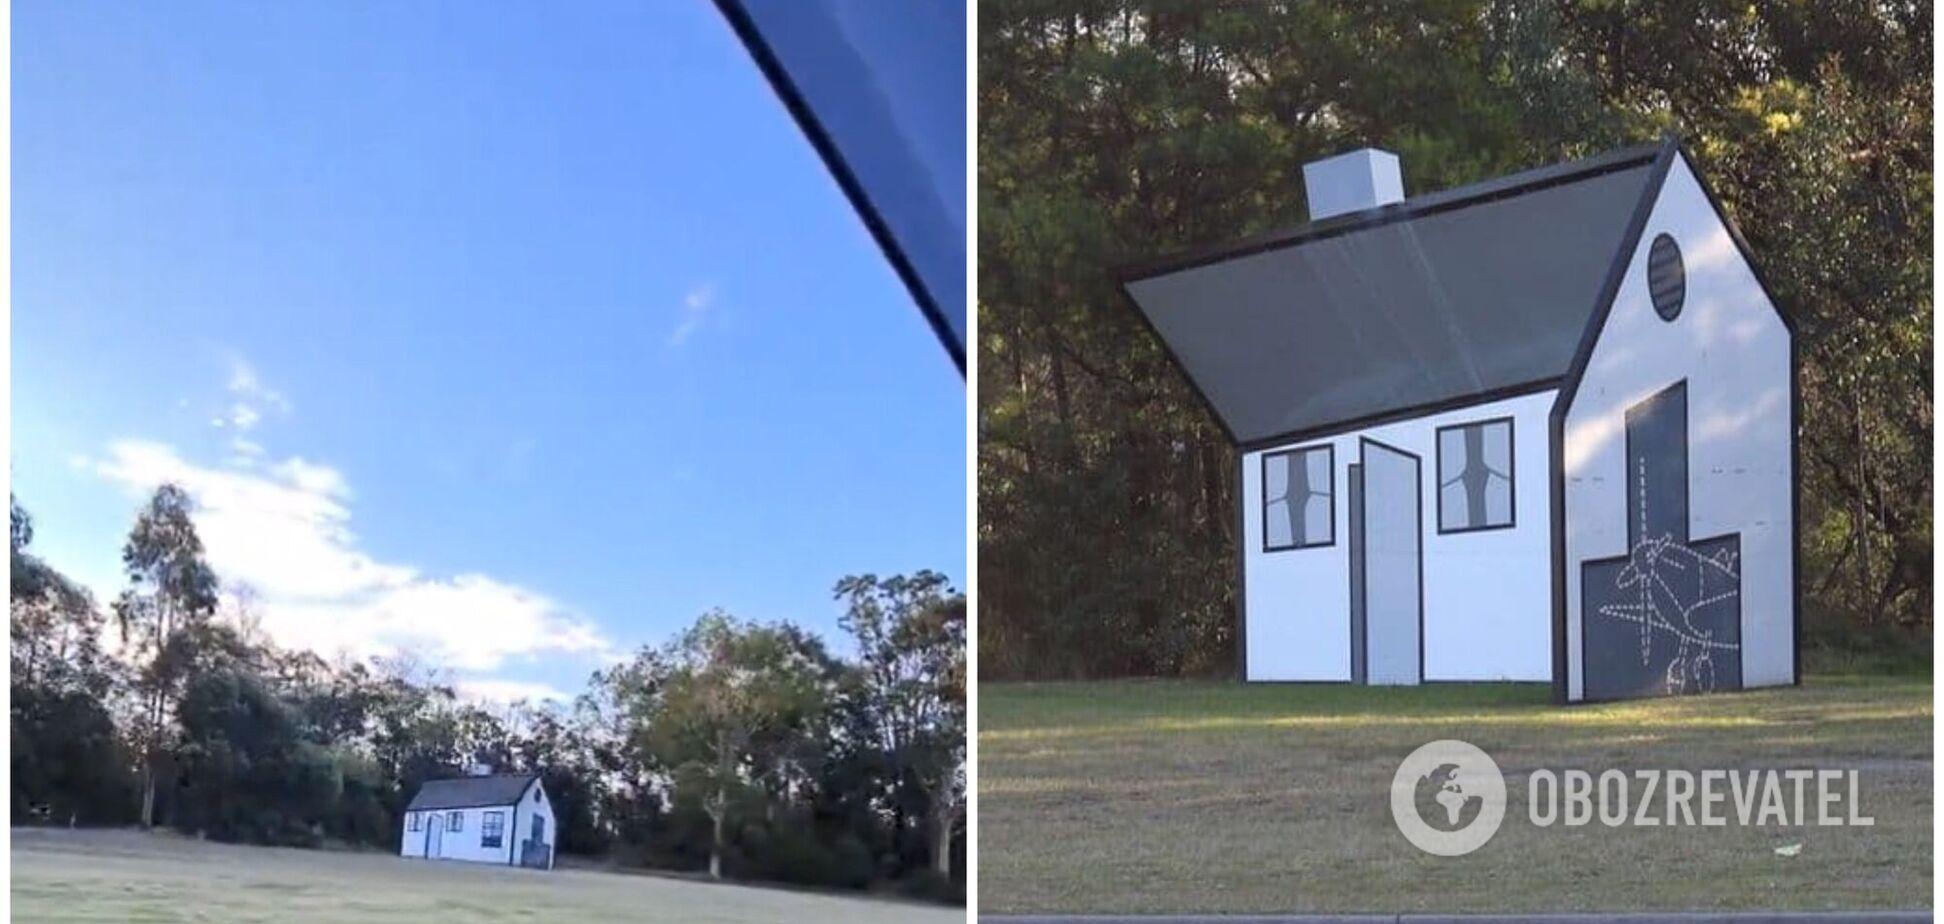 Оптическая иллюзия с вращающимся домом напугала пользователей сети. Видео